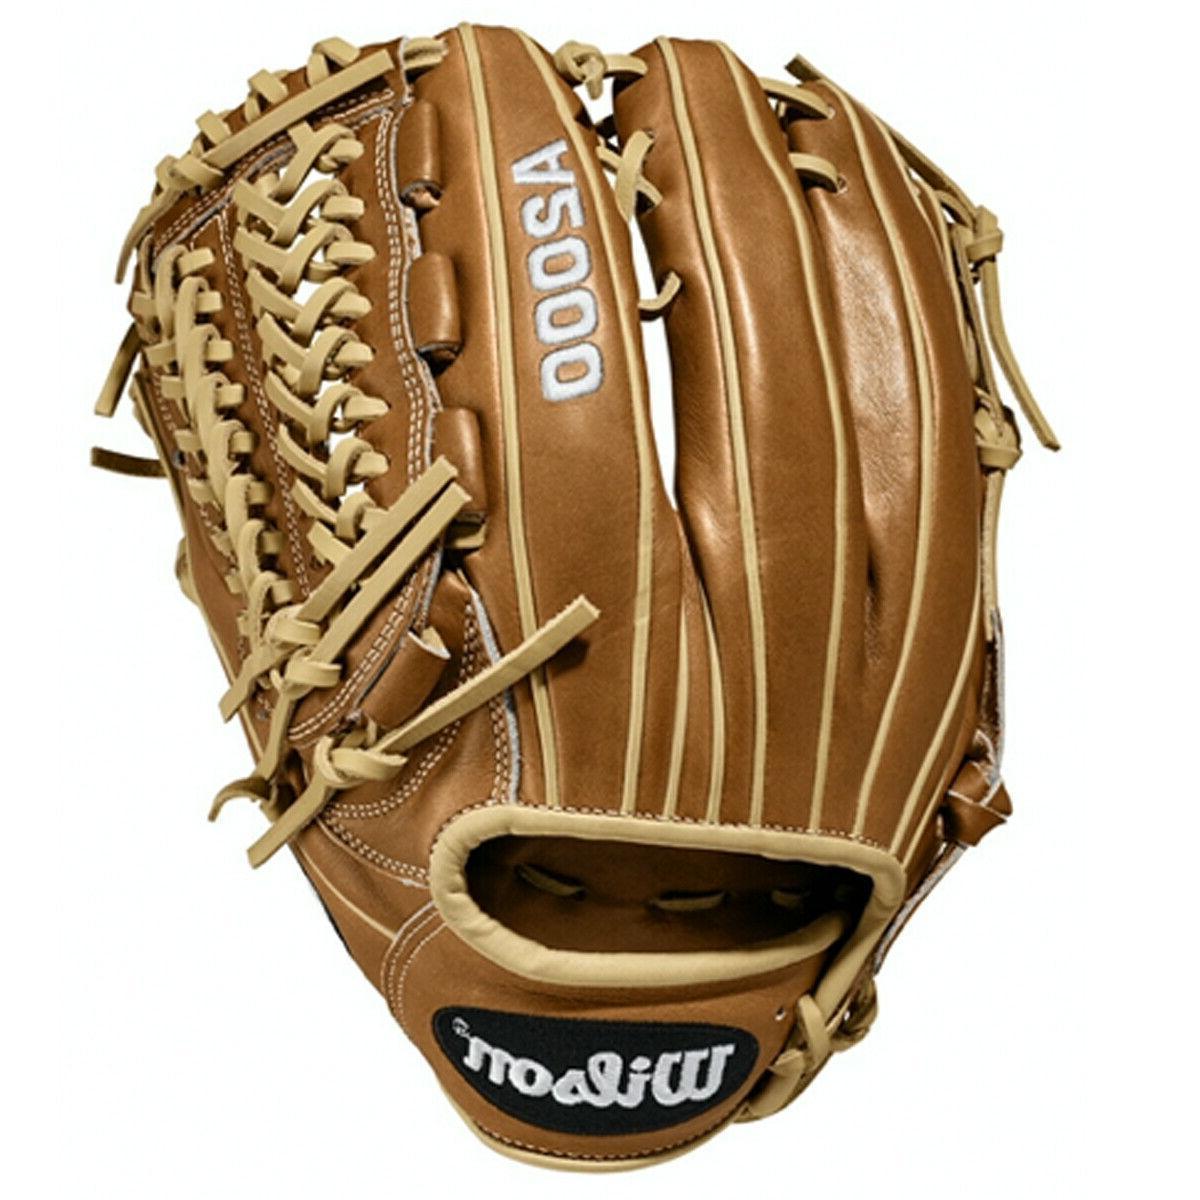 a2000 d33 11 75 pitcher s baseball